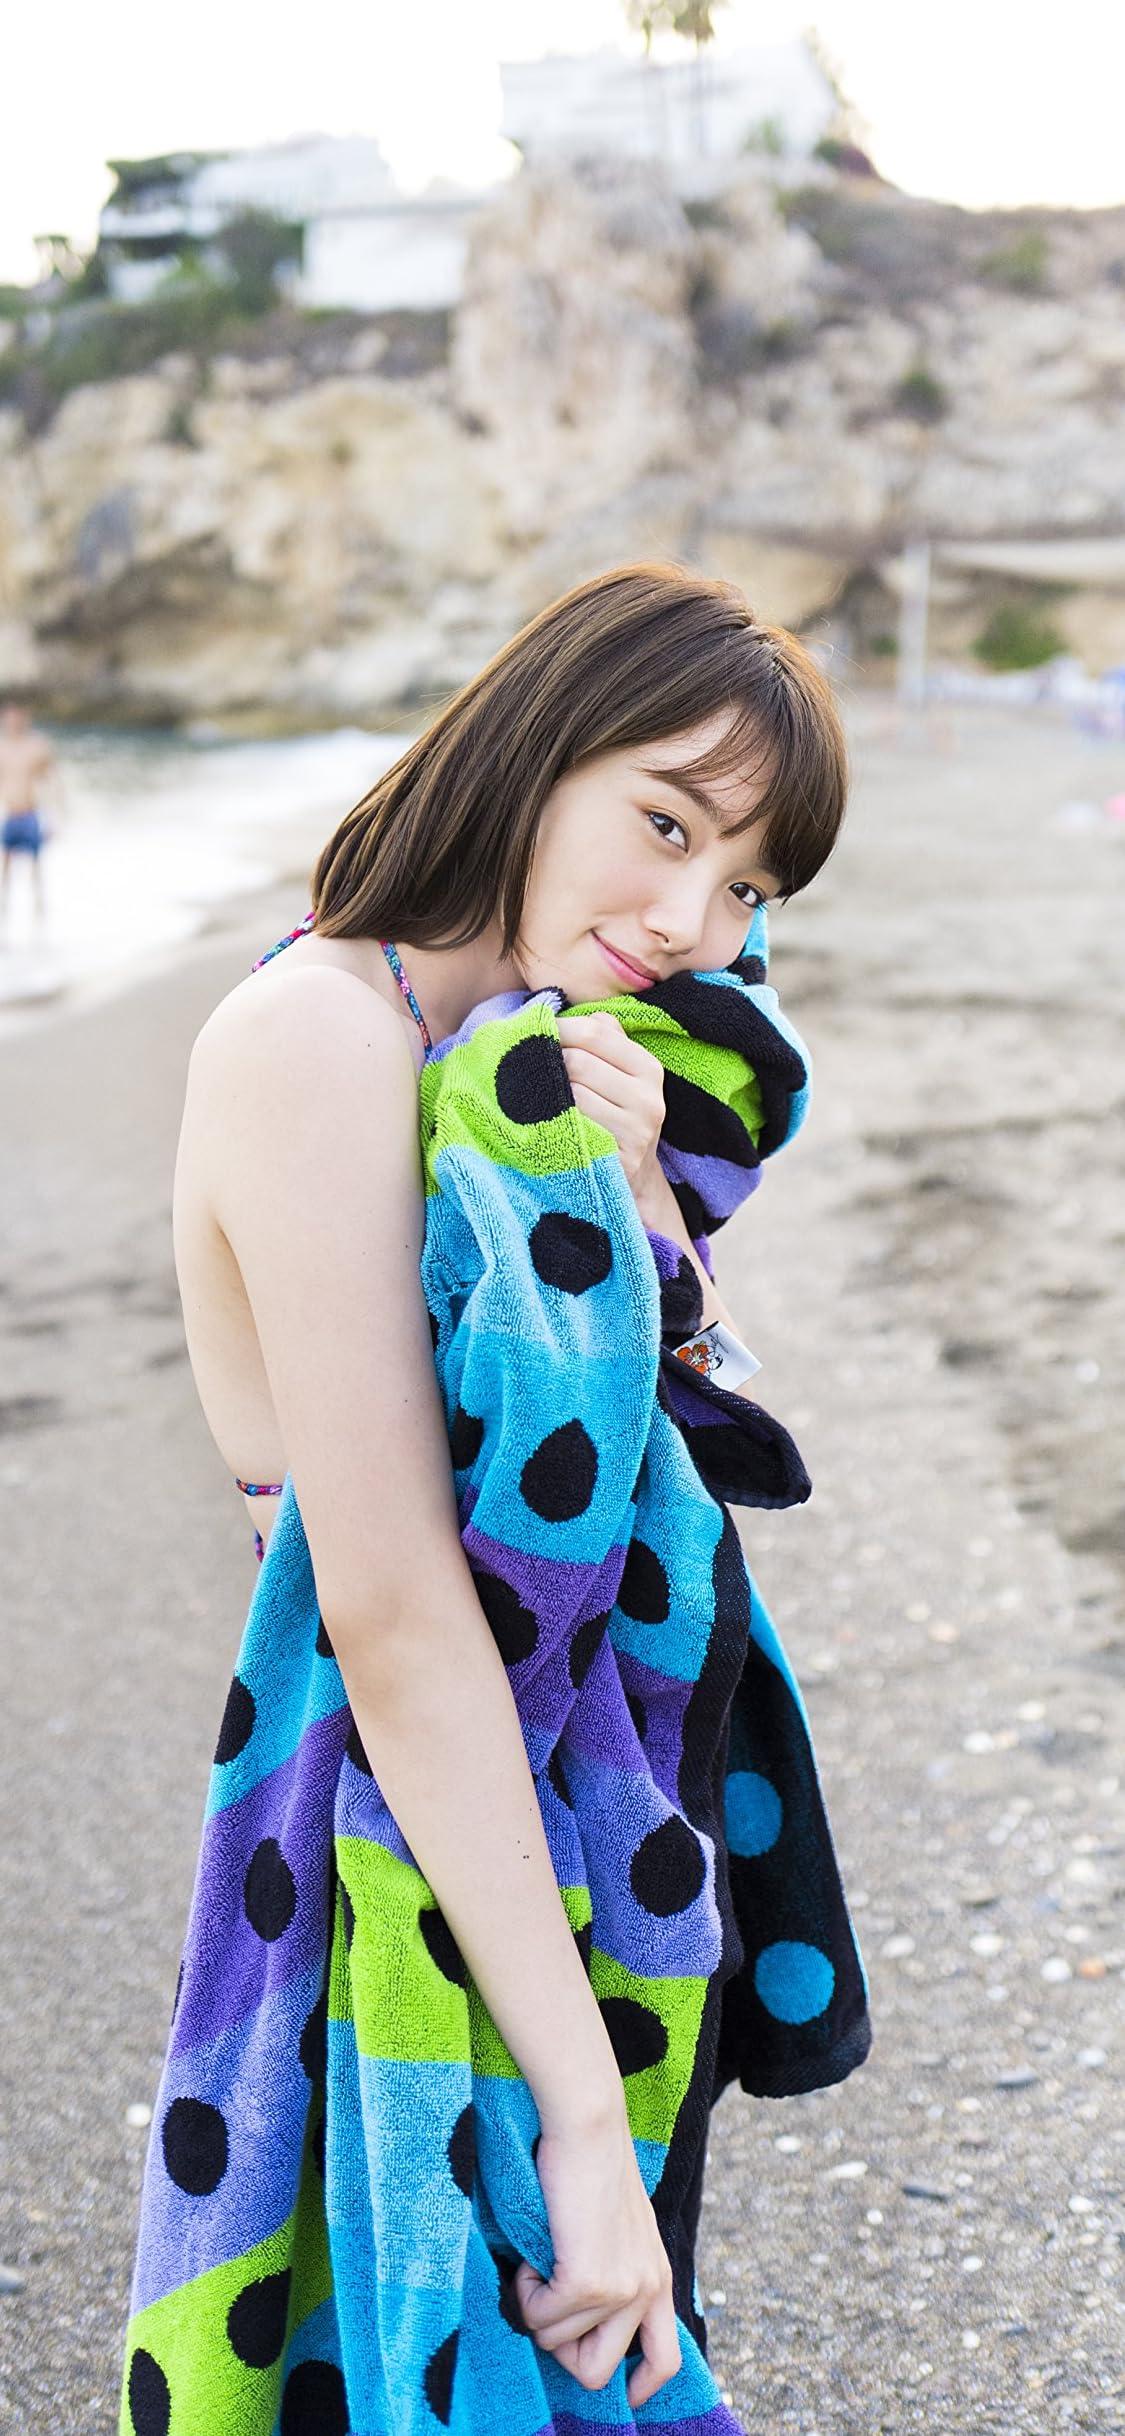 飯豊まりえ 浜辺で水着とタオル iPhone X 壁紙(1125x2436)画像